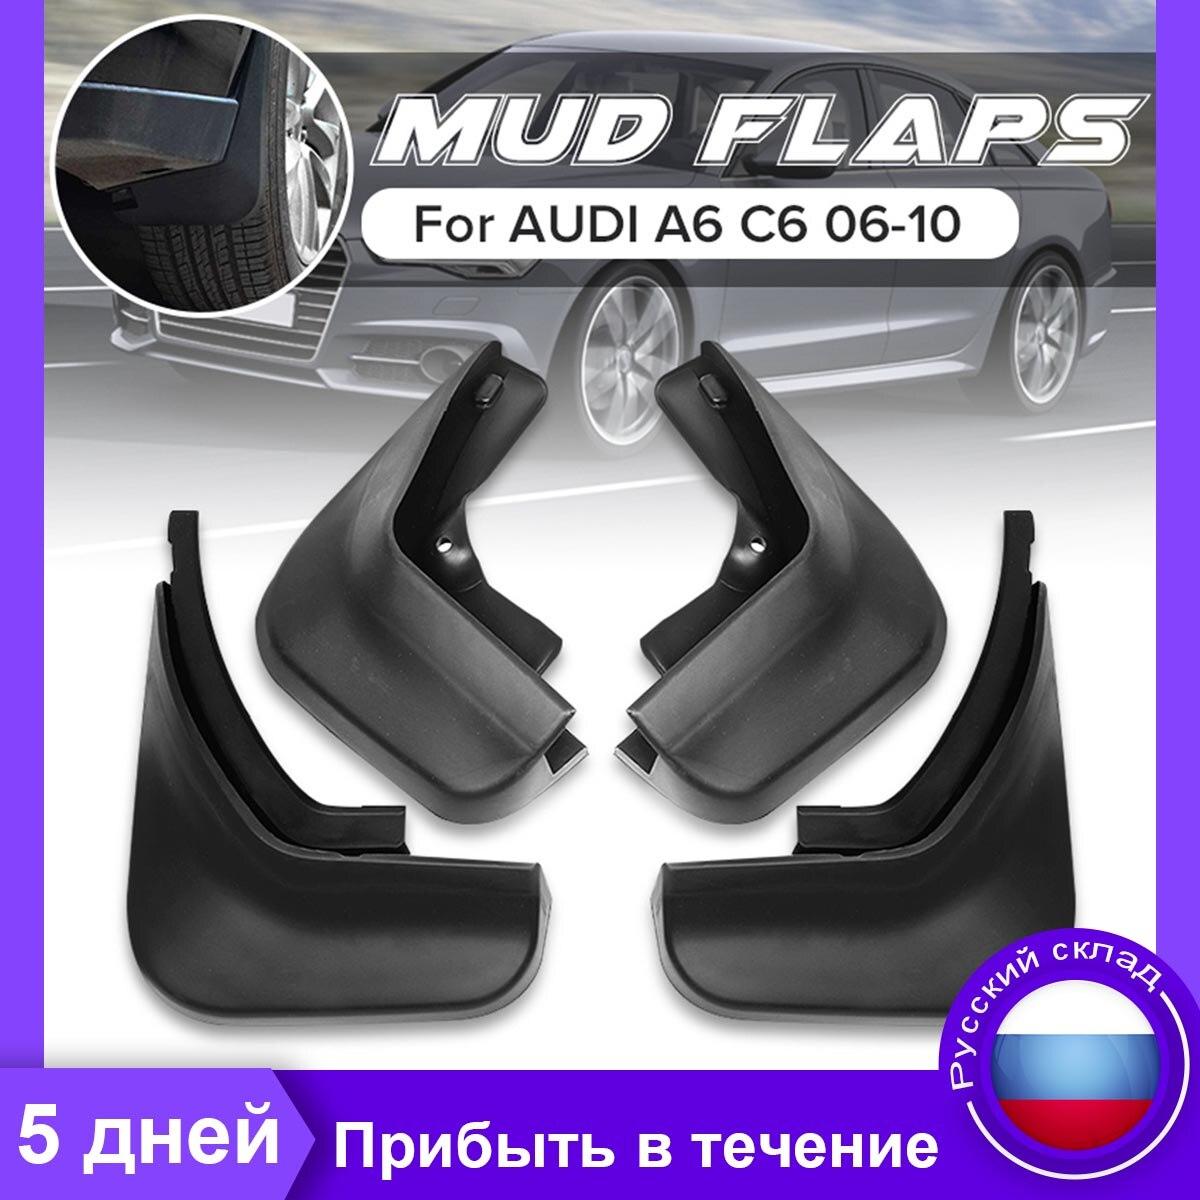 รถด้านหน้าด้านหลัง Mudguards Fender Flares Splash Guards Mud Flaps สำหรับ AUDI A6 C6 2006 2007 2008 2009 2010